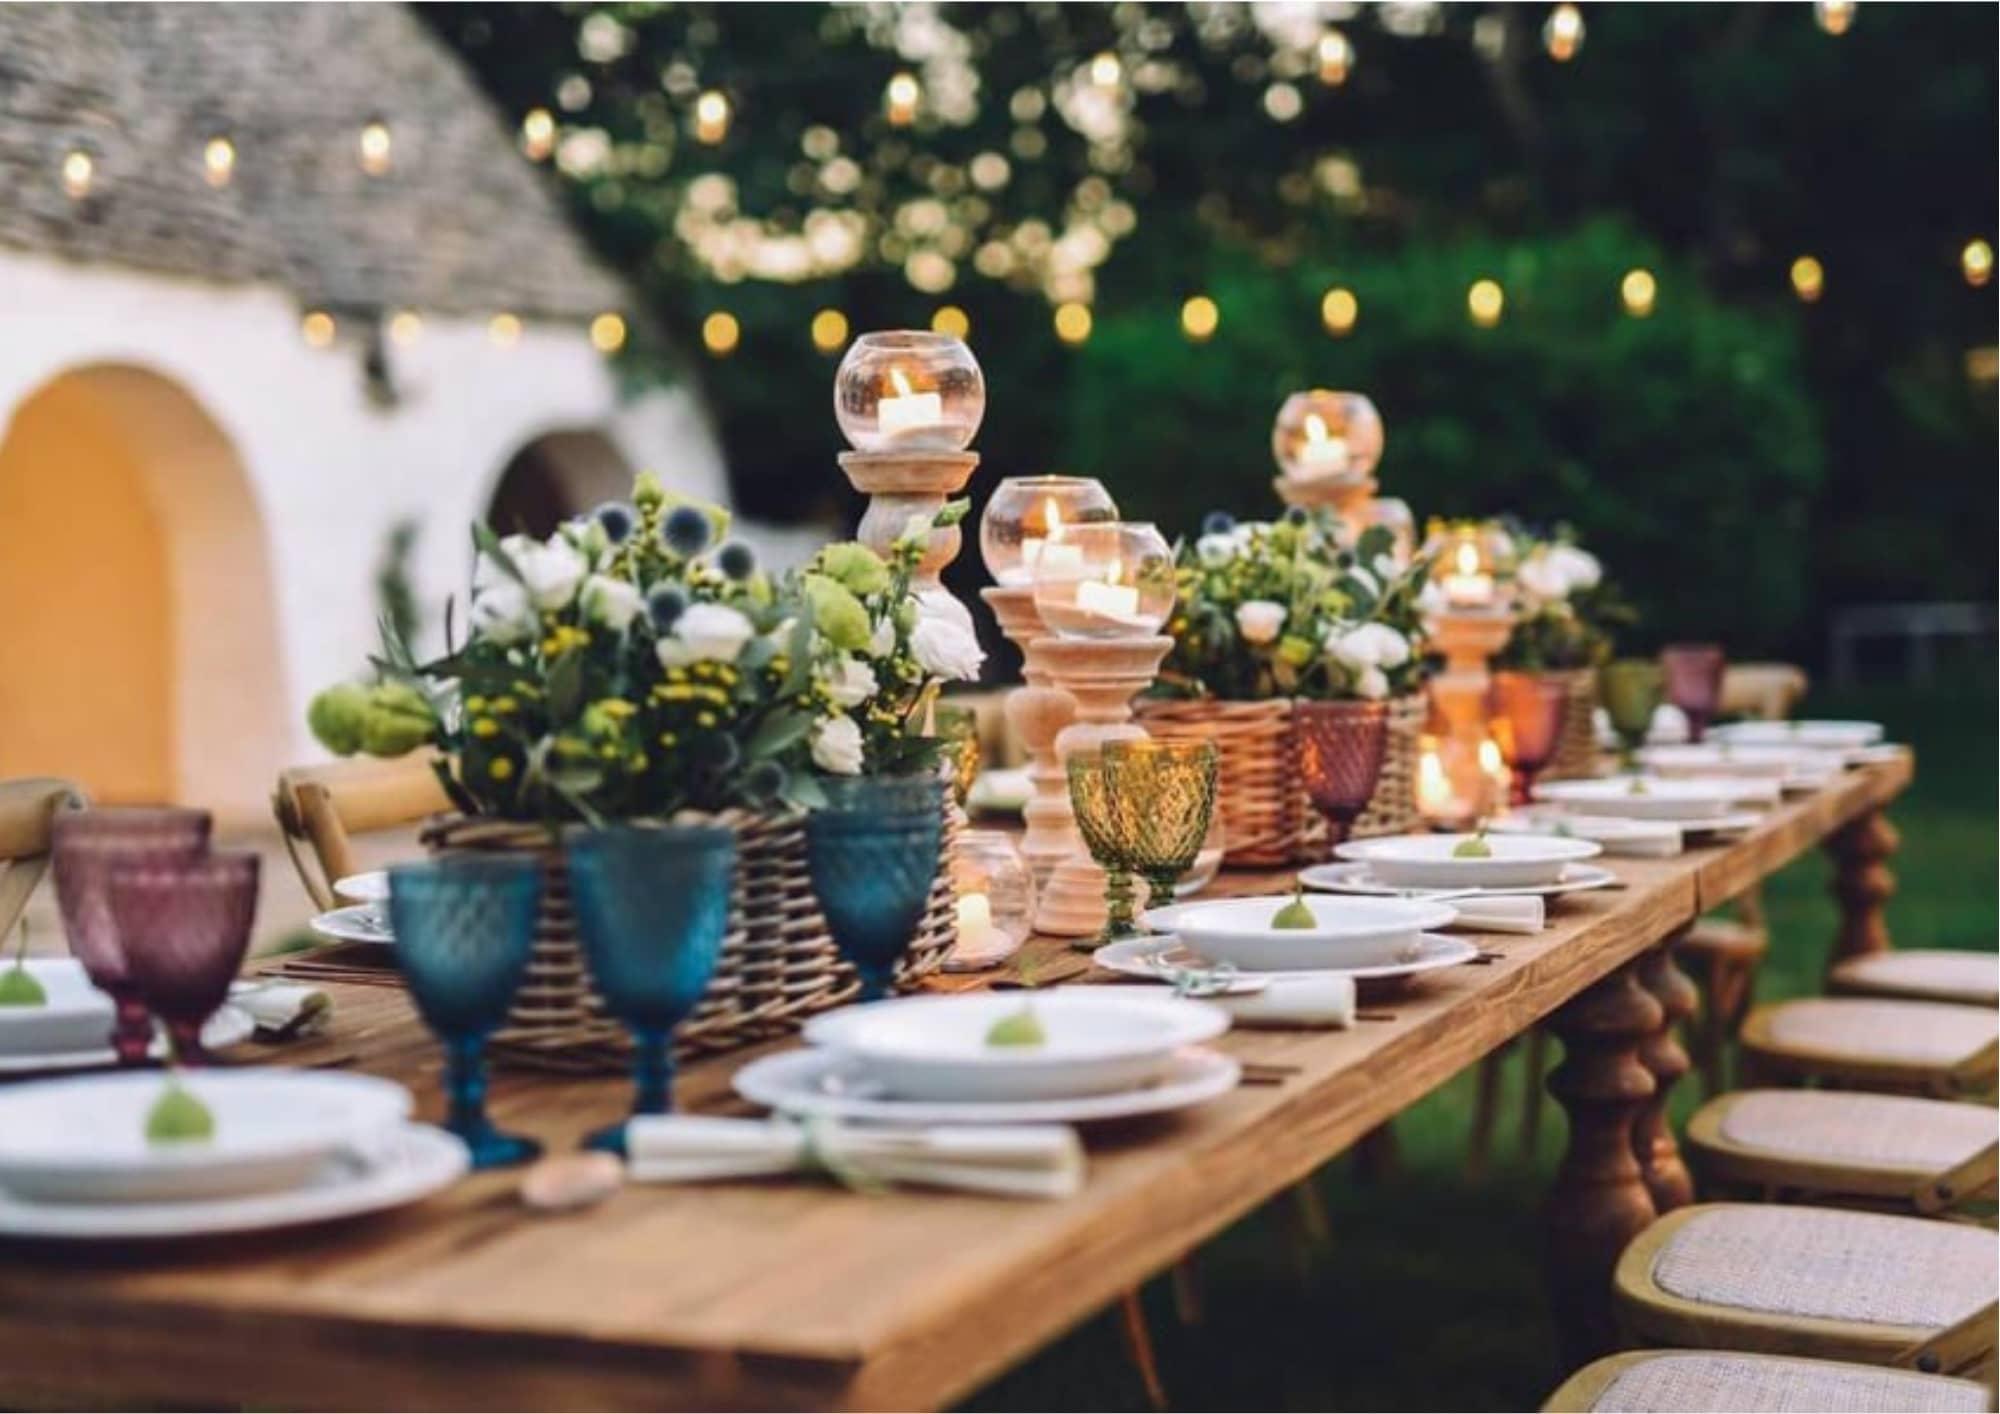 Vilma Wedding & Event Planner _ vestuvių organizatorė Vilma Rapšaitė _ vestuvių dekoras Italijoje _ vestuvės užsienyje _ Apulija _ spalvingas vestuvių dekoras